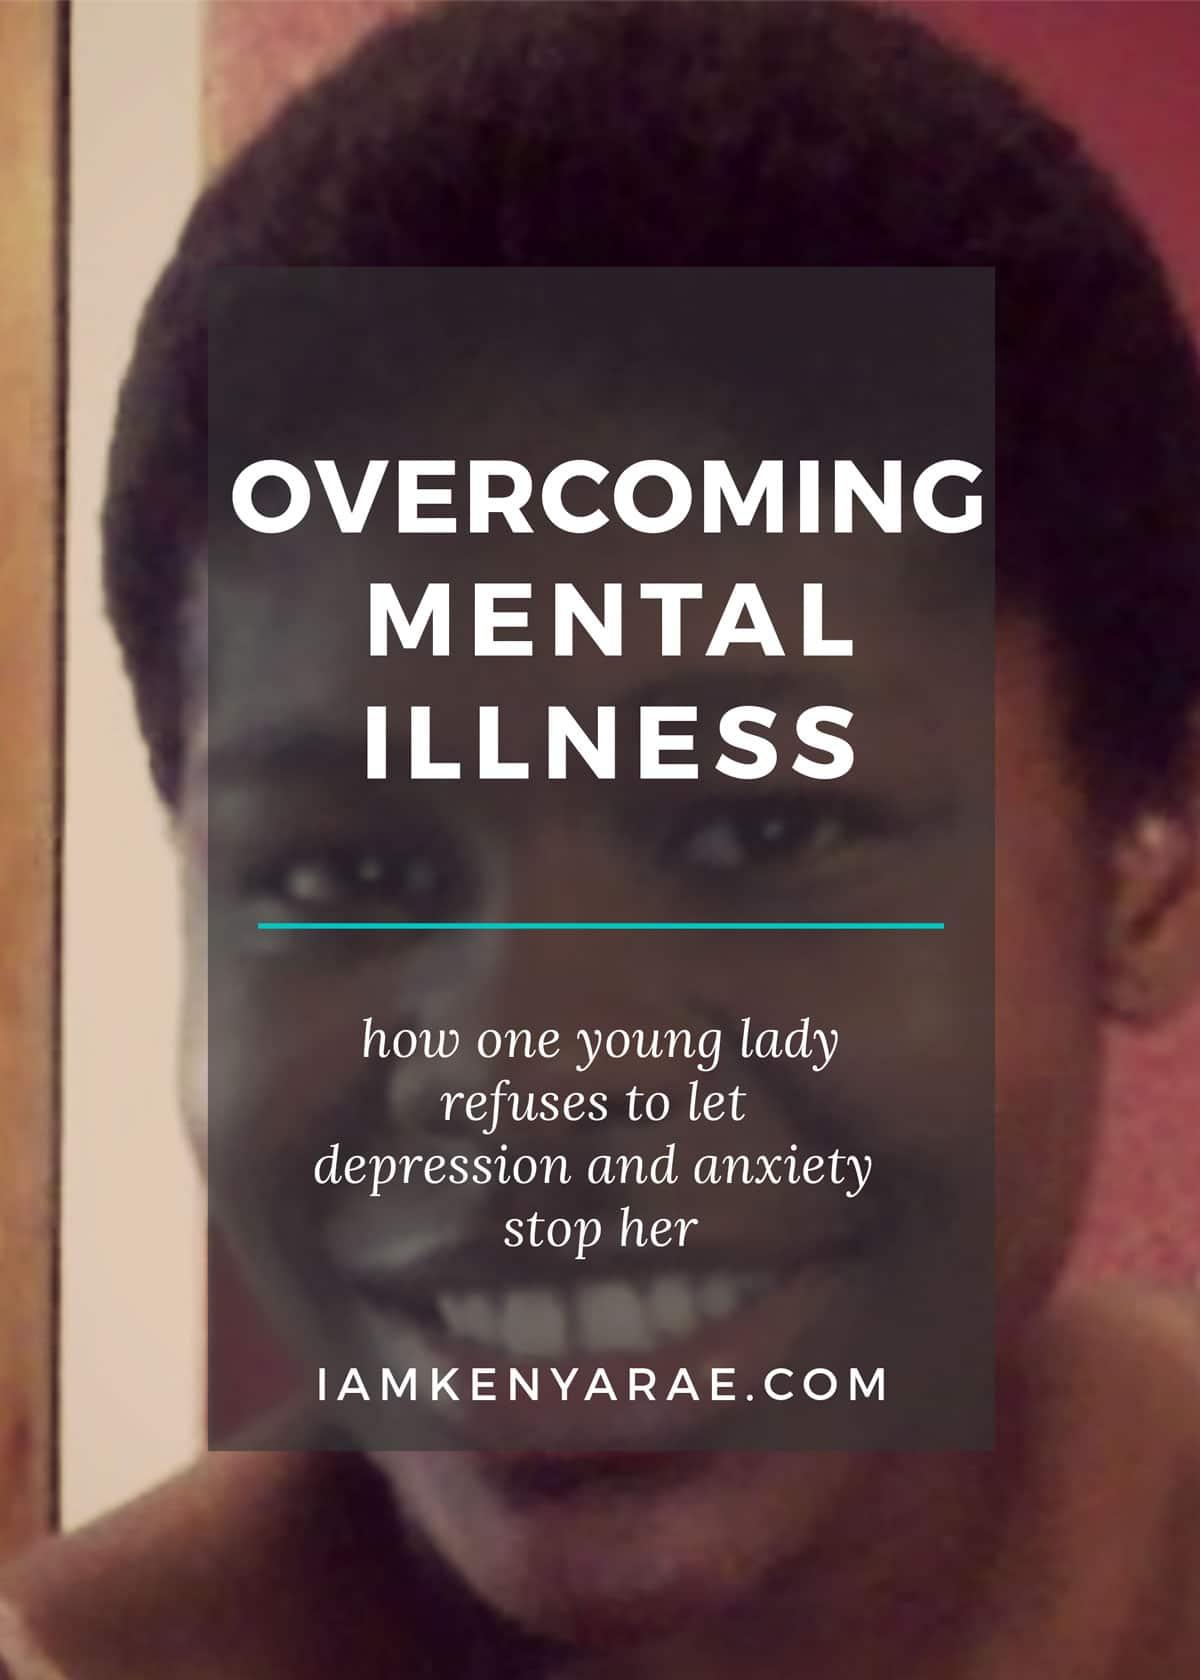 jenai-overcoming-mental-illness